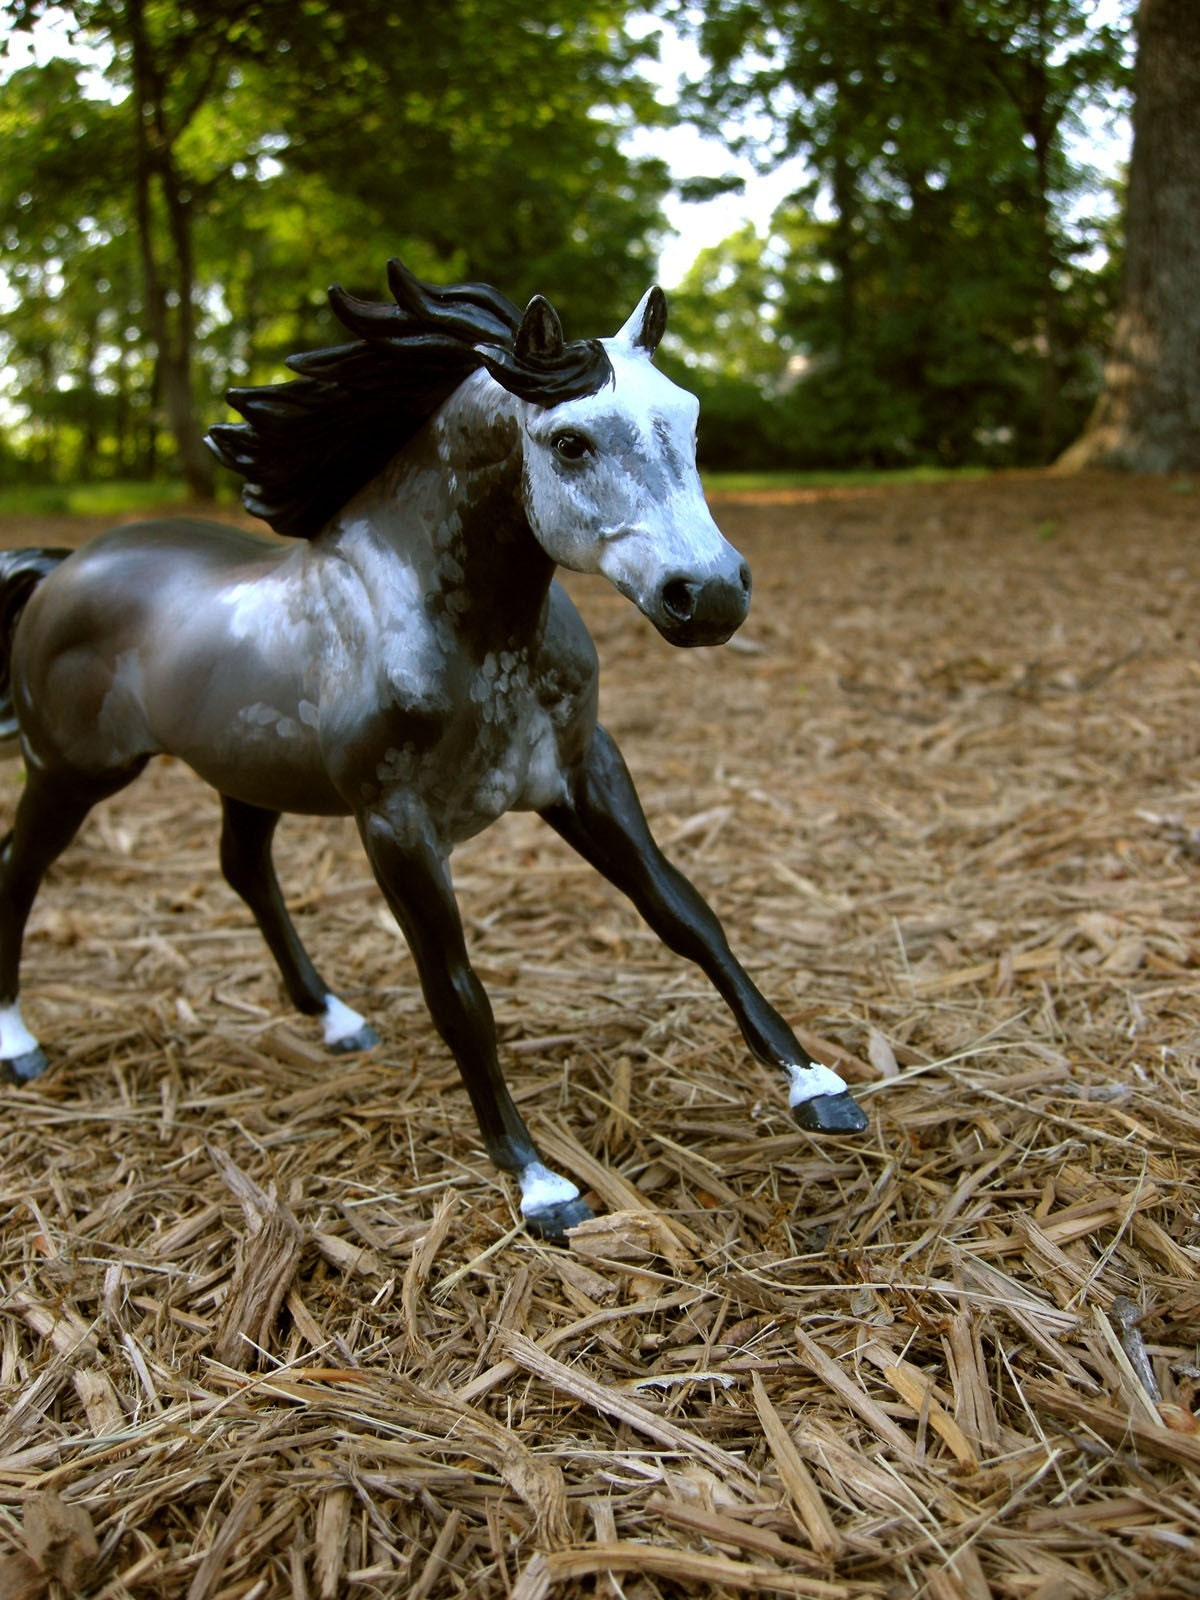 ней картинки лошадей брейер на природе что реальными